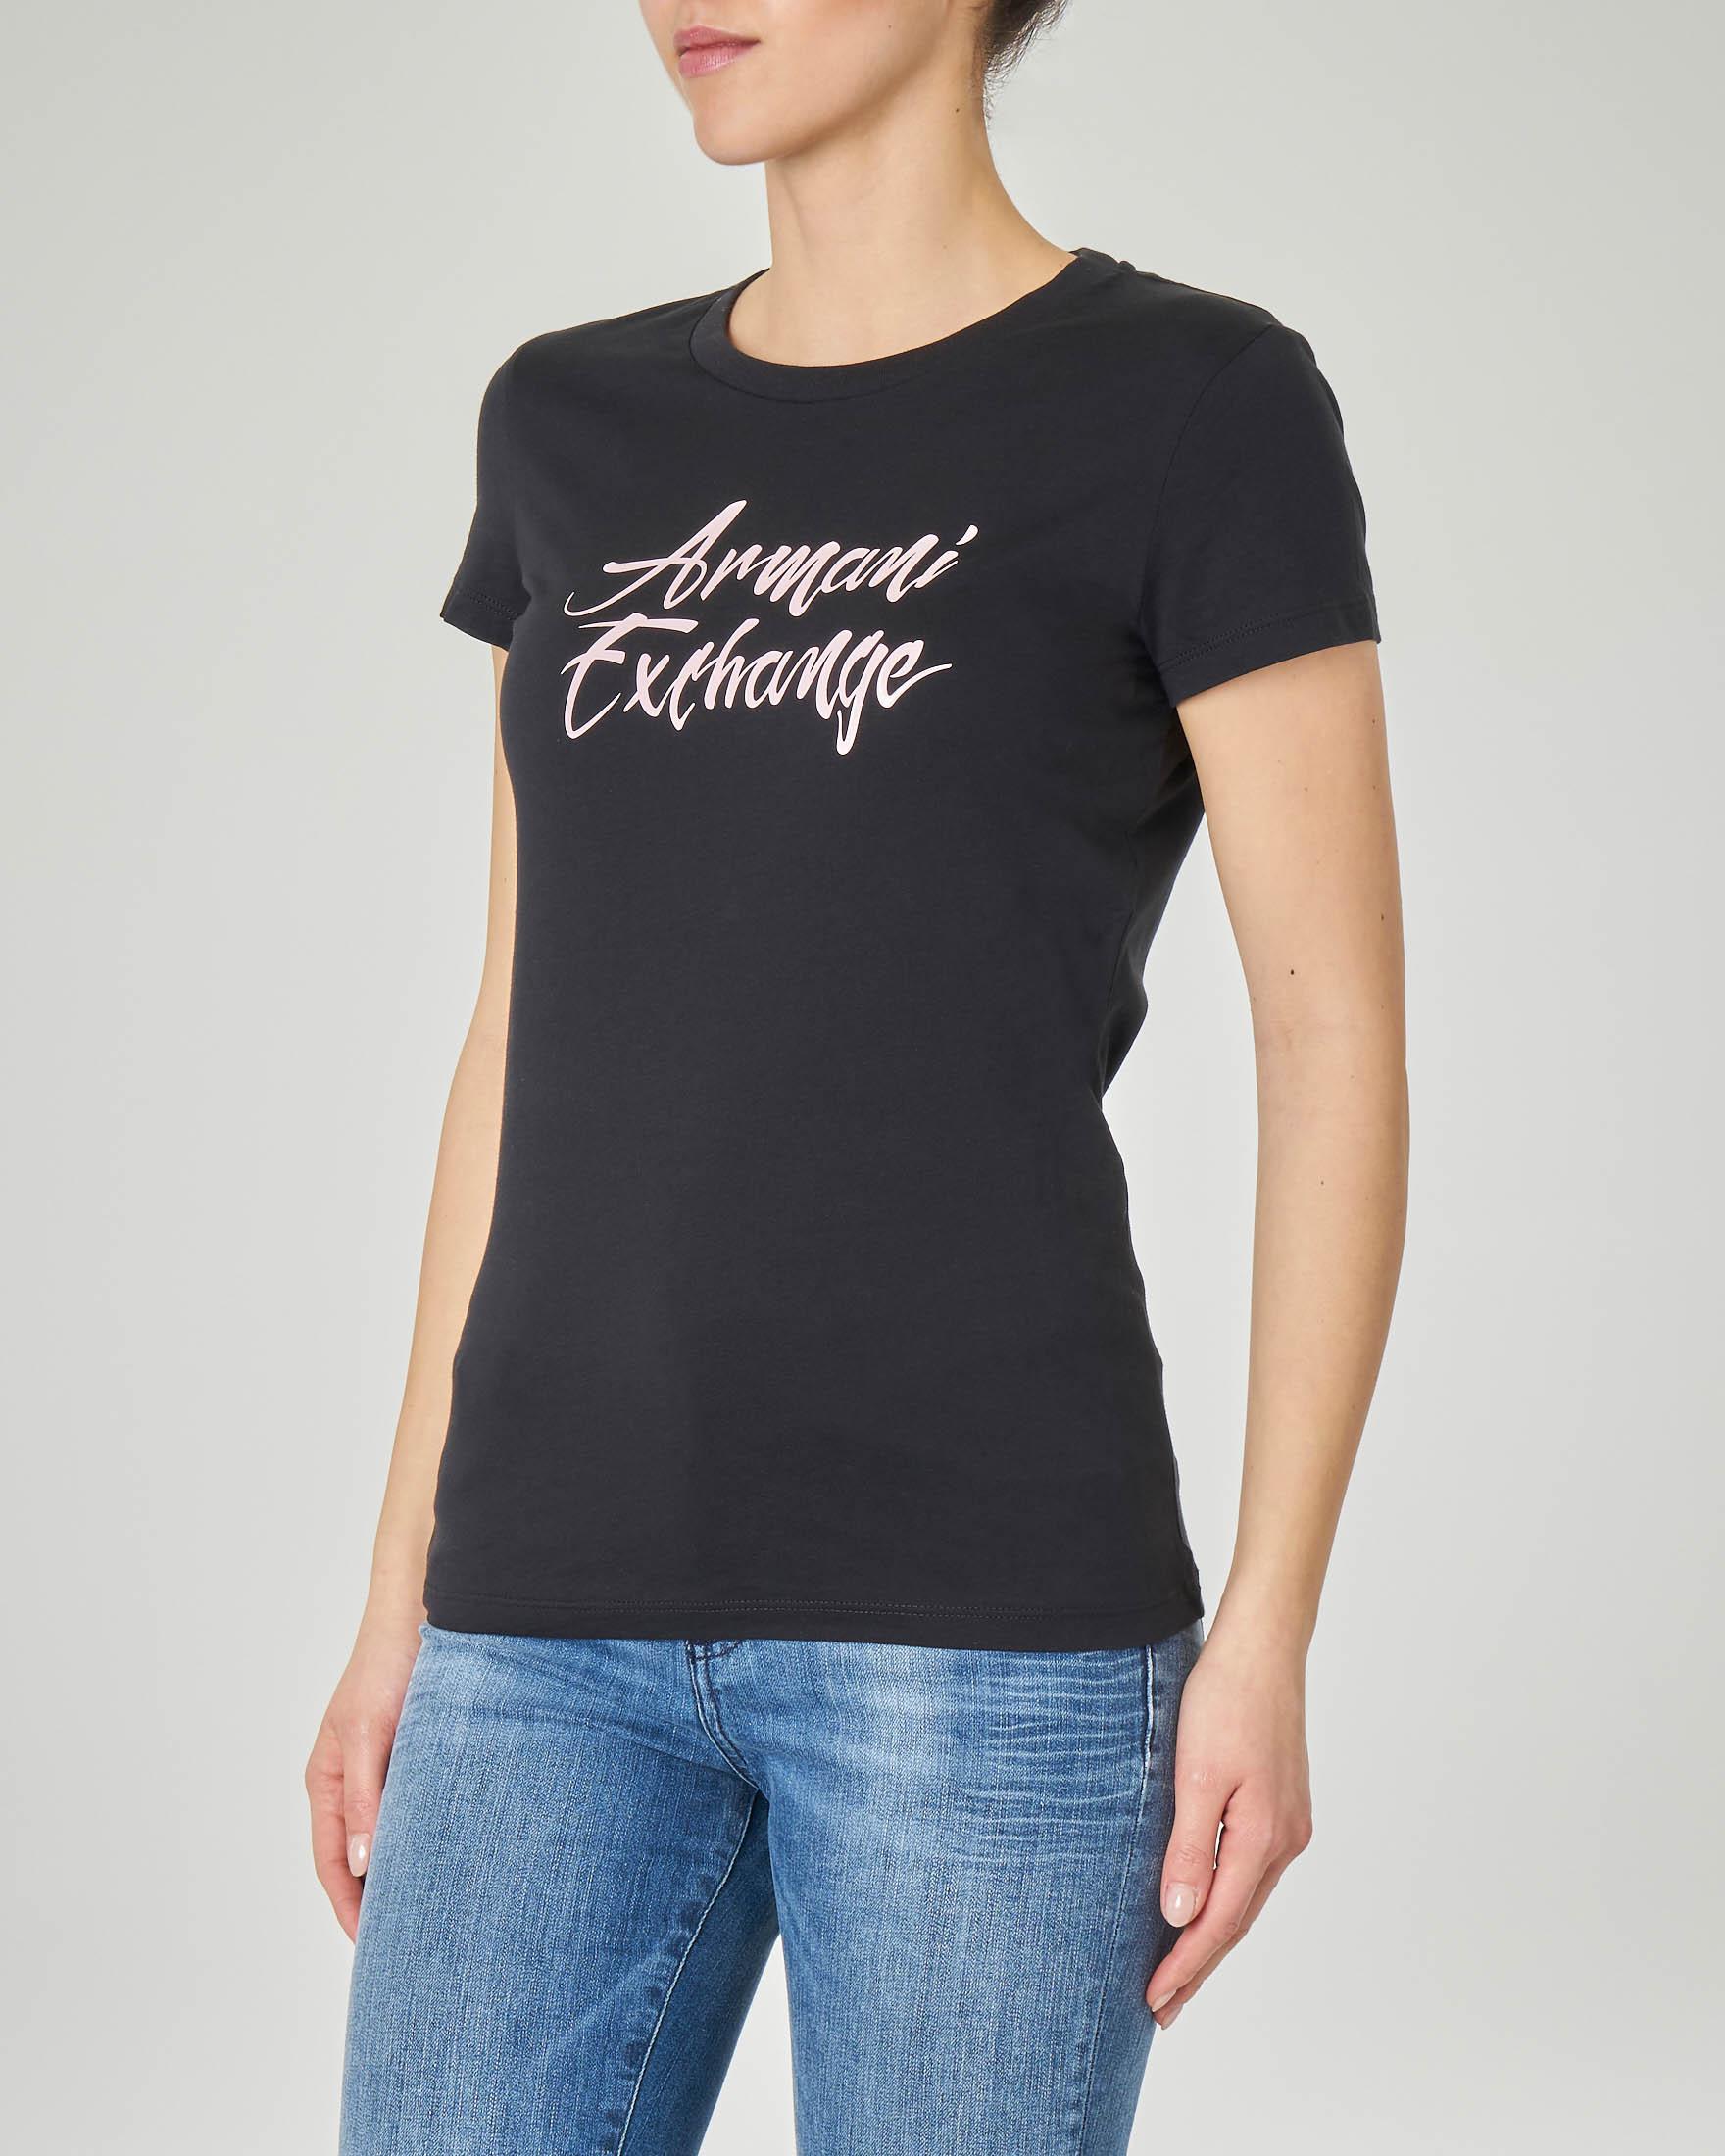 T-shirt nera in cotone con scritta logo in rosa effetto semi-lucido